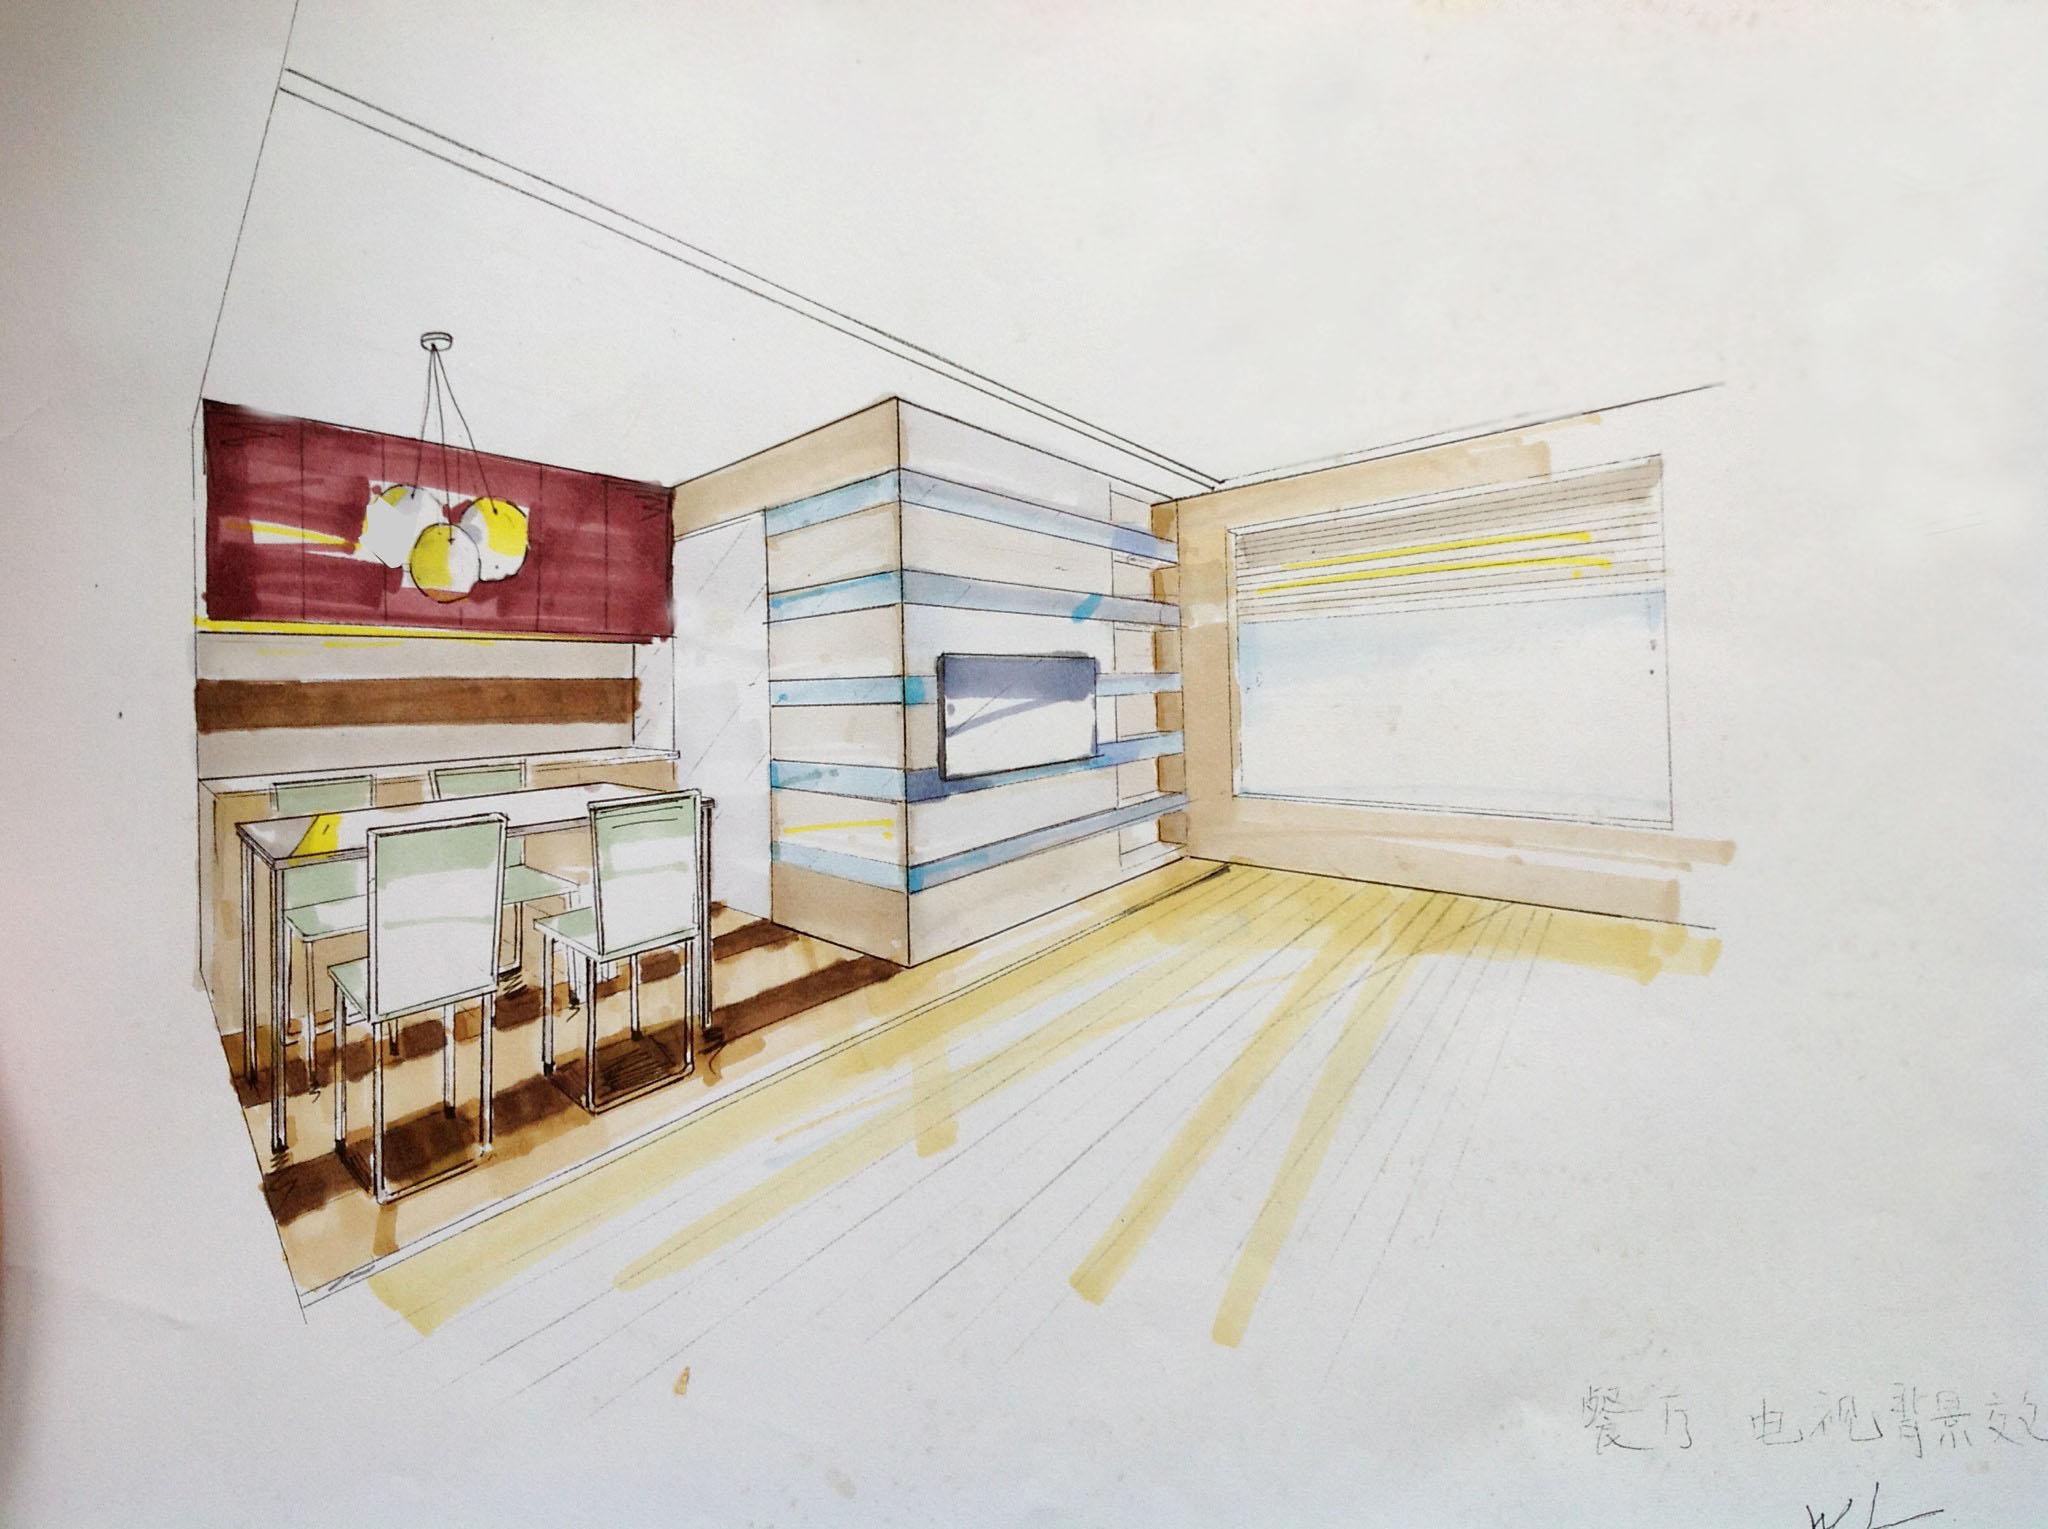 橱柜手绘图铅笔